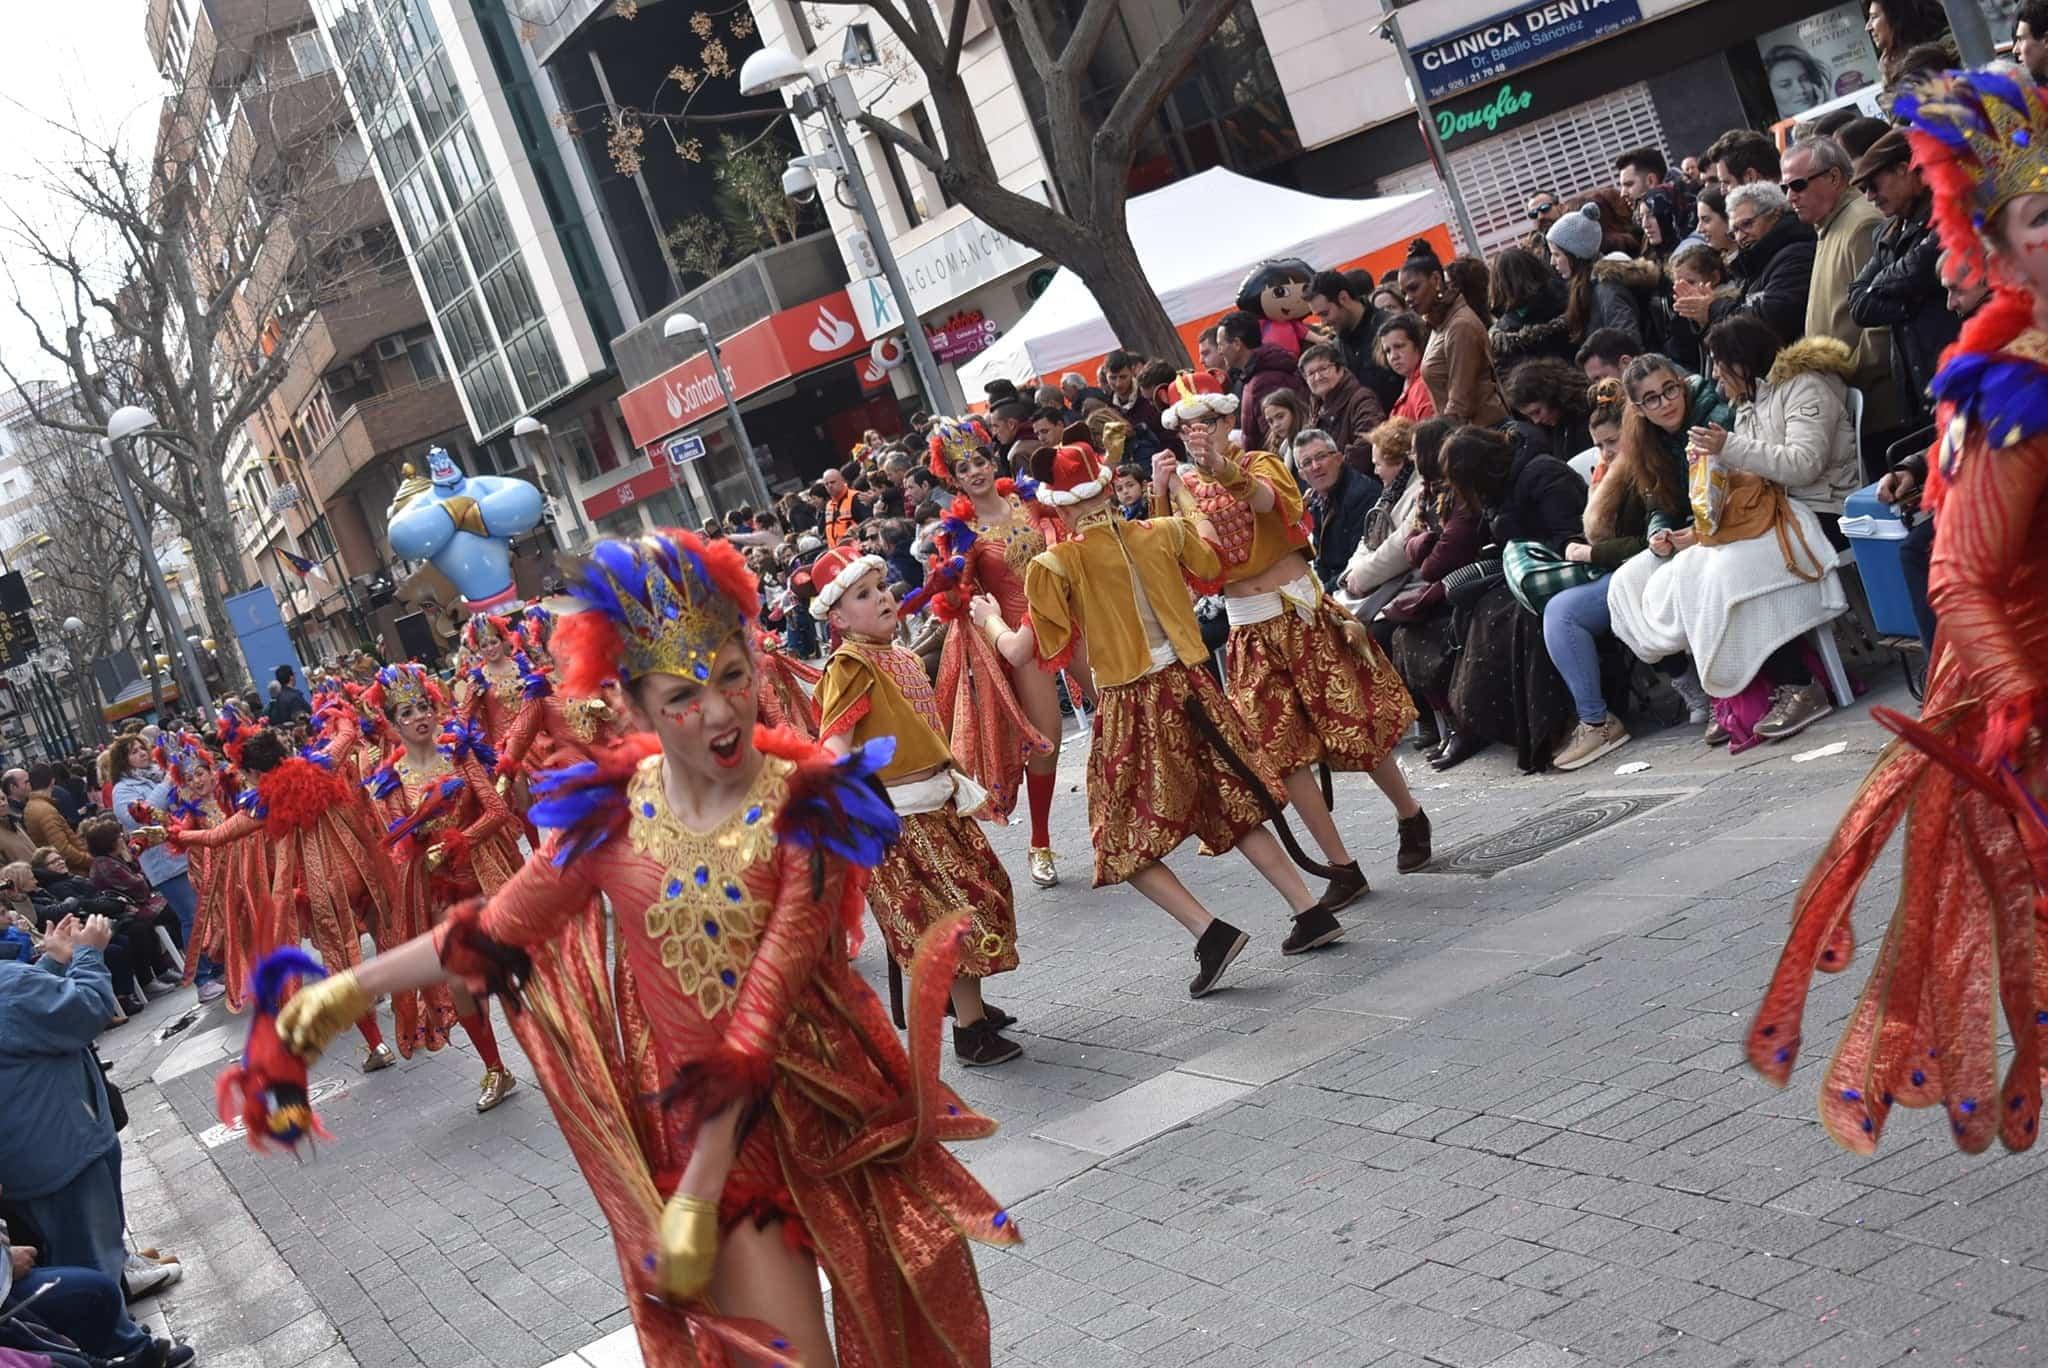 Carnaval de ciudad real 2020 axonsou arlequin oro herencia 17 - Axonsou se lleva el Arlequín de Oro en Ciudad Real